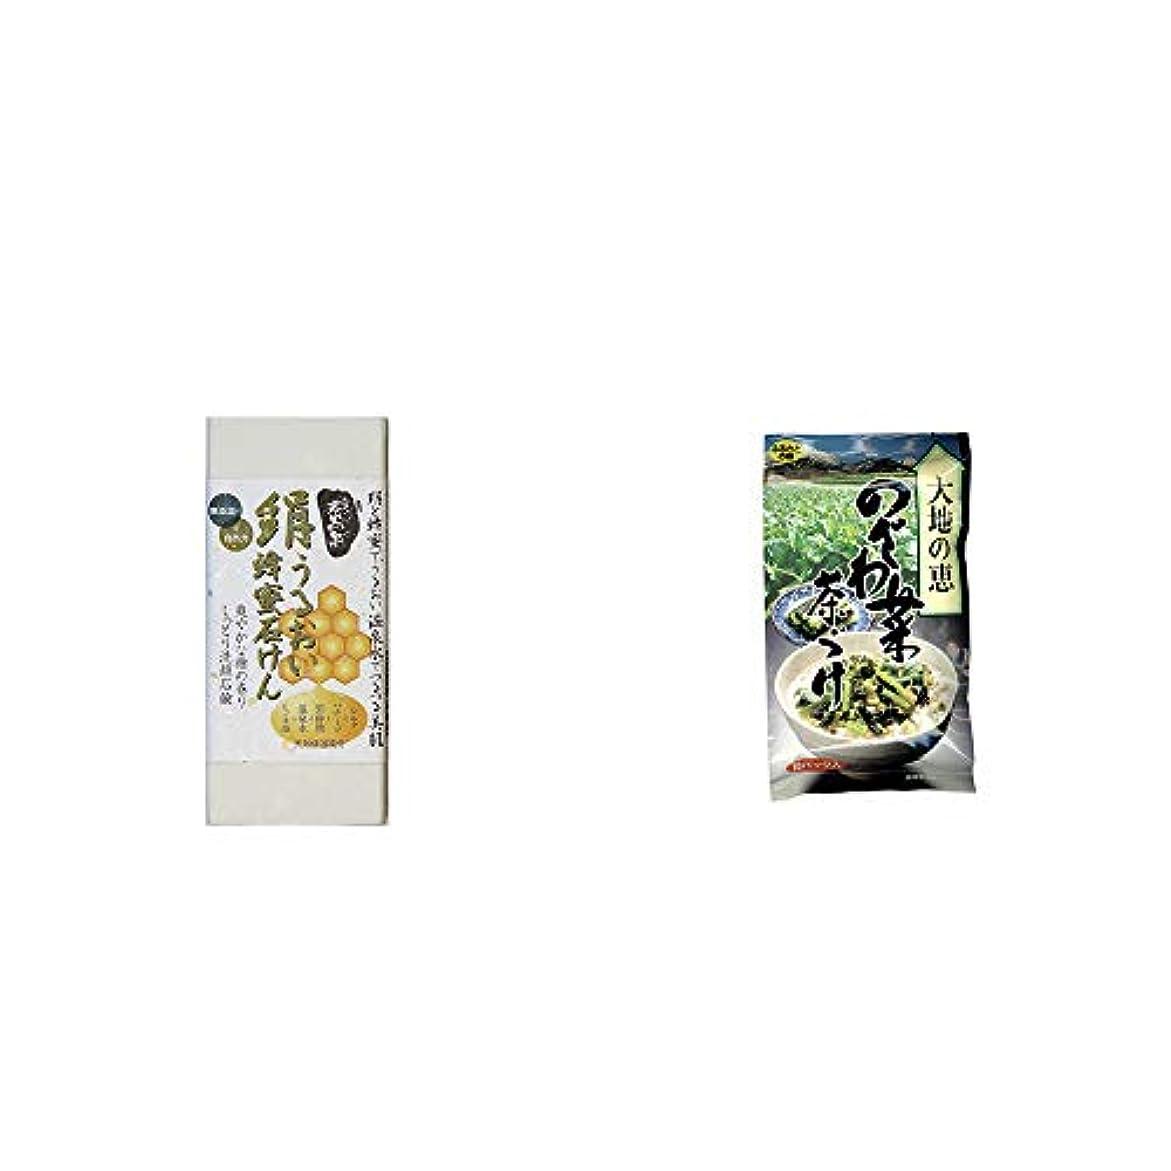 団結する確率図[2点セット] ひのき炭黒泉 絹うるおい蜂蜜石けん(75g×2)?特選茶漬け 大地の恵 のざわ菜茶づけ(10袋入)